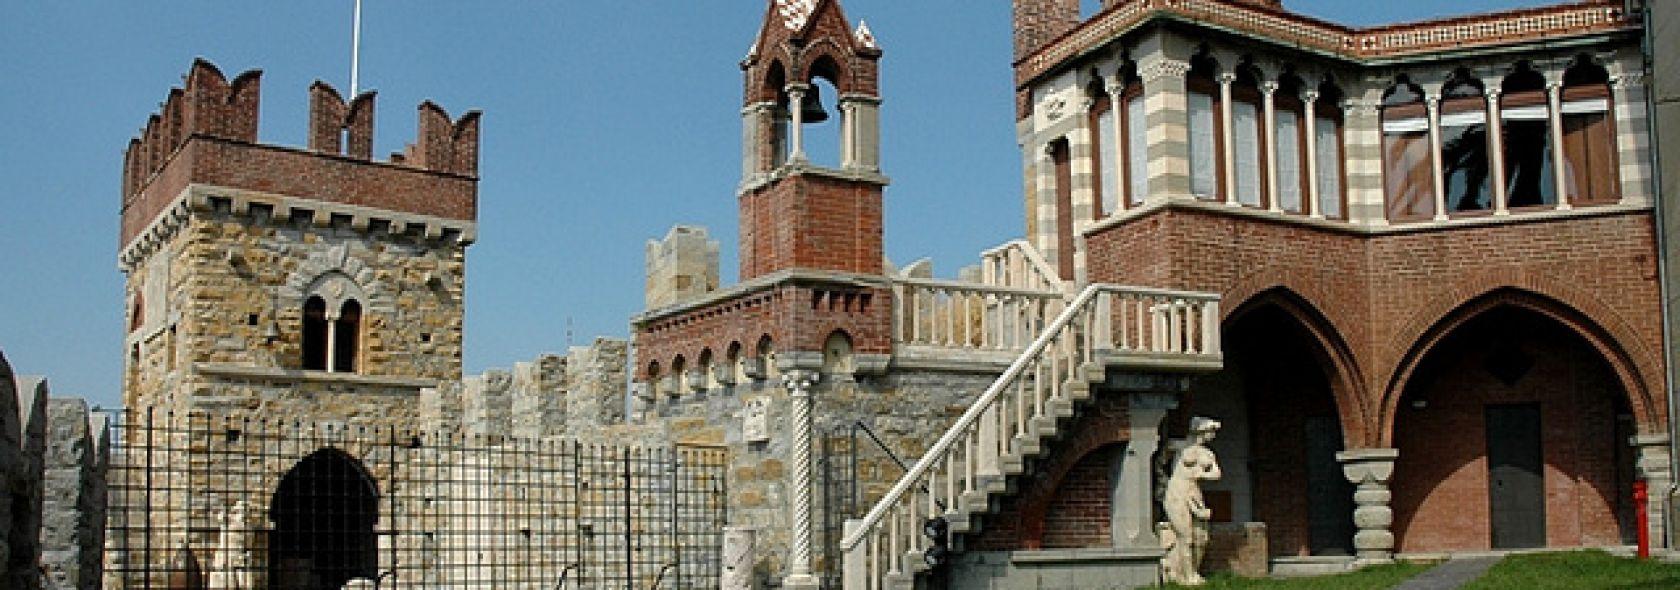 """Itinerario Quattro """"piccoli"""" passi a Genova - Castello D Albertis - esterno - ©g"""